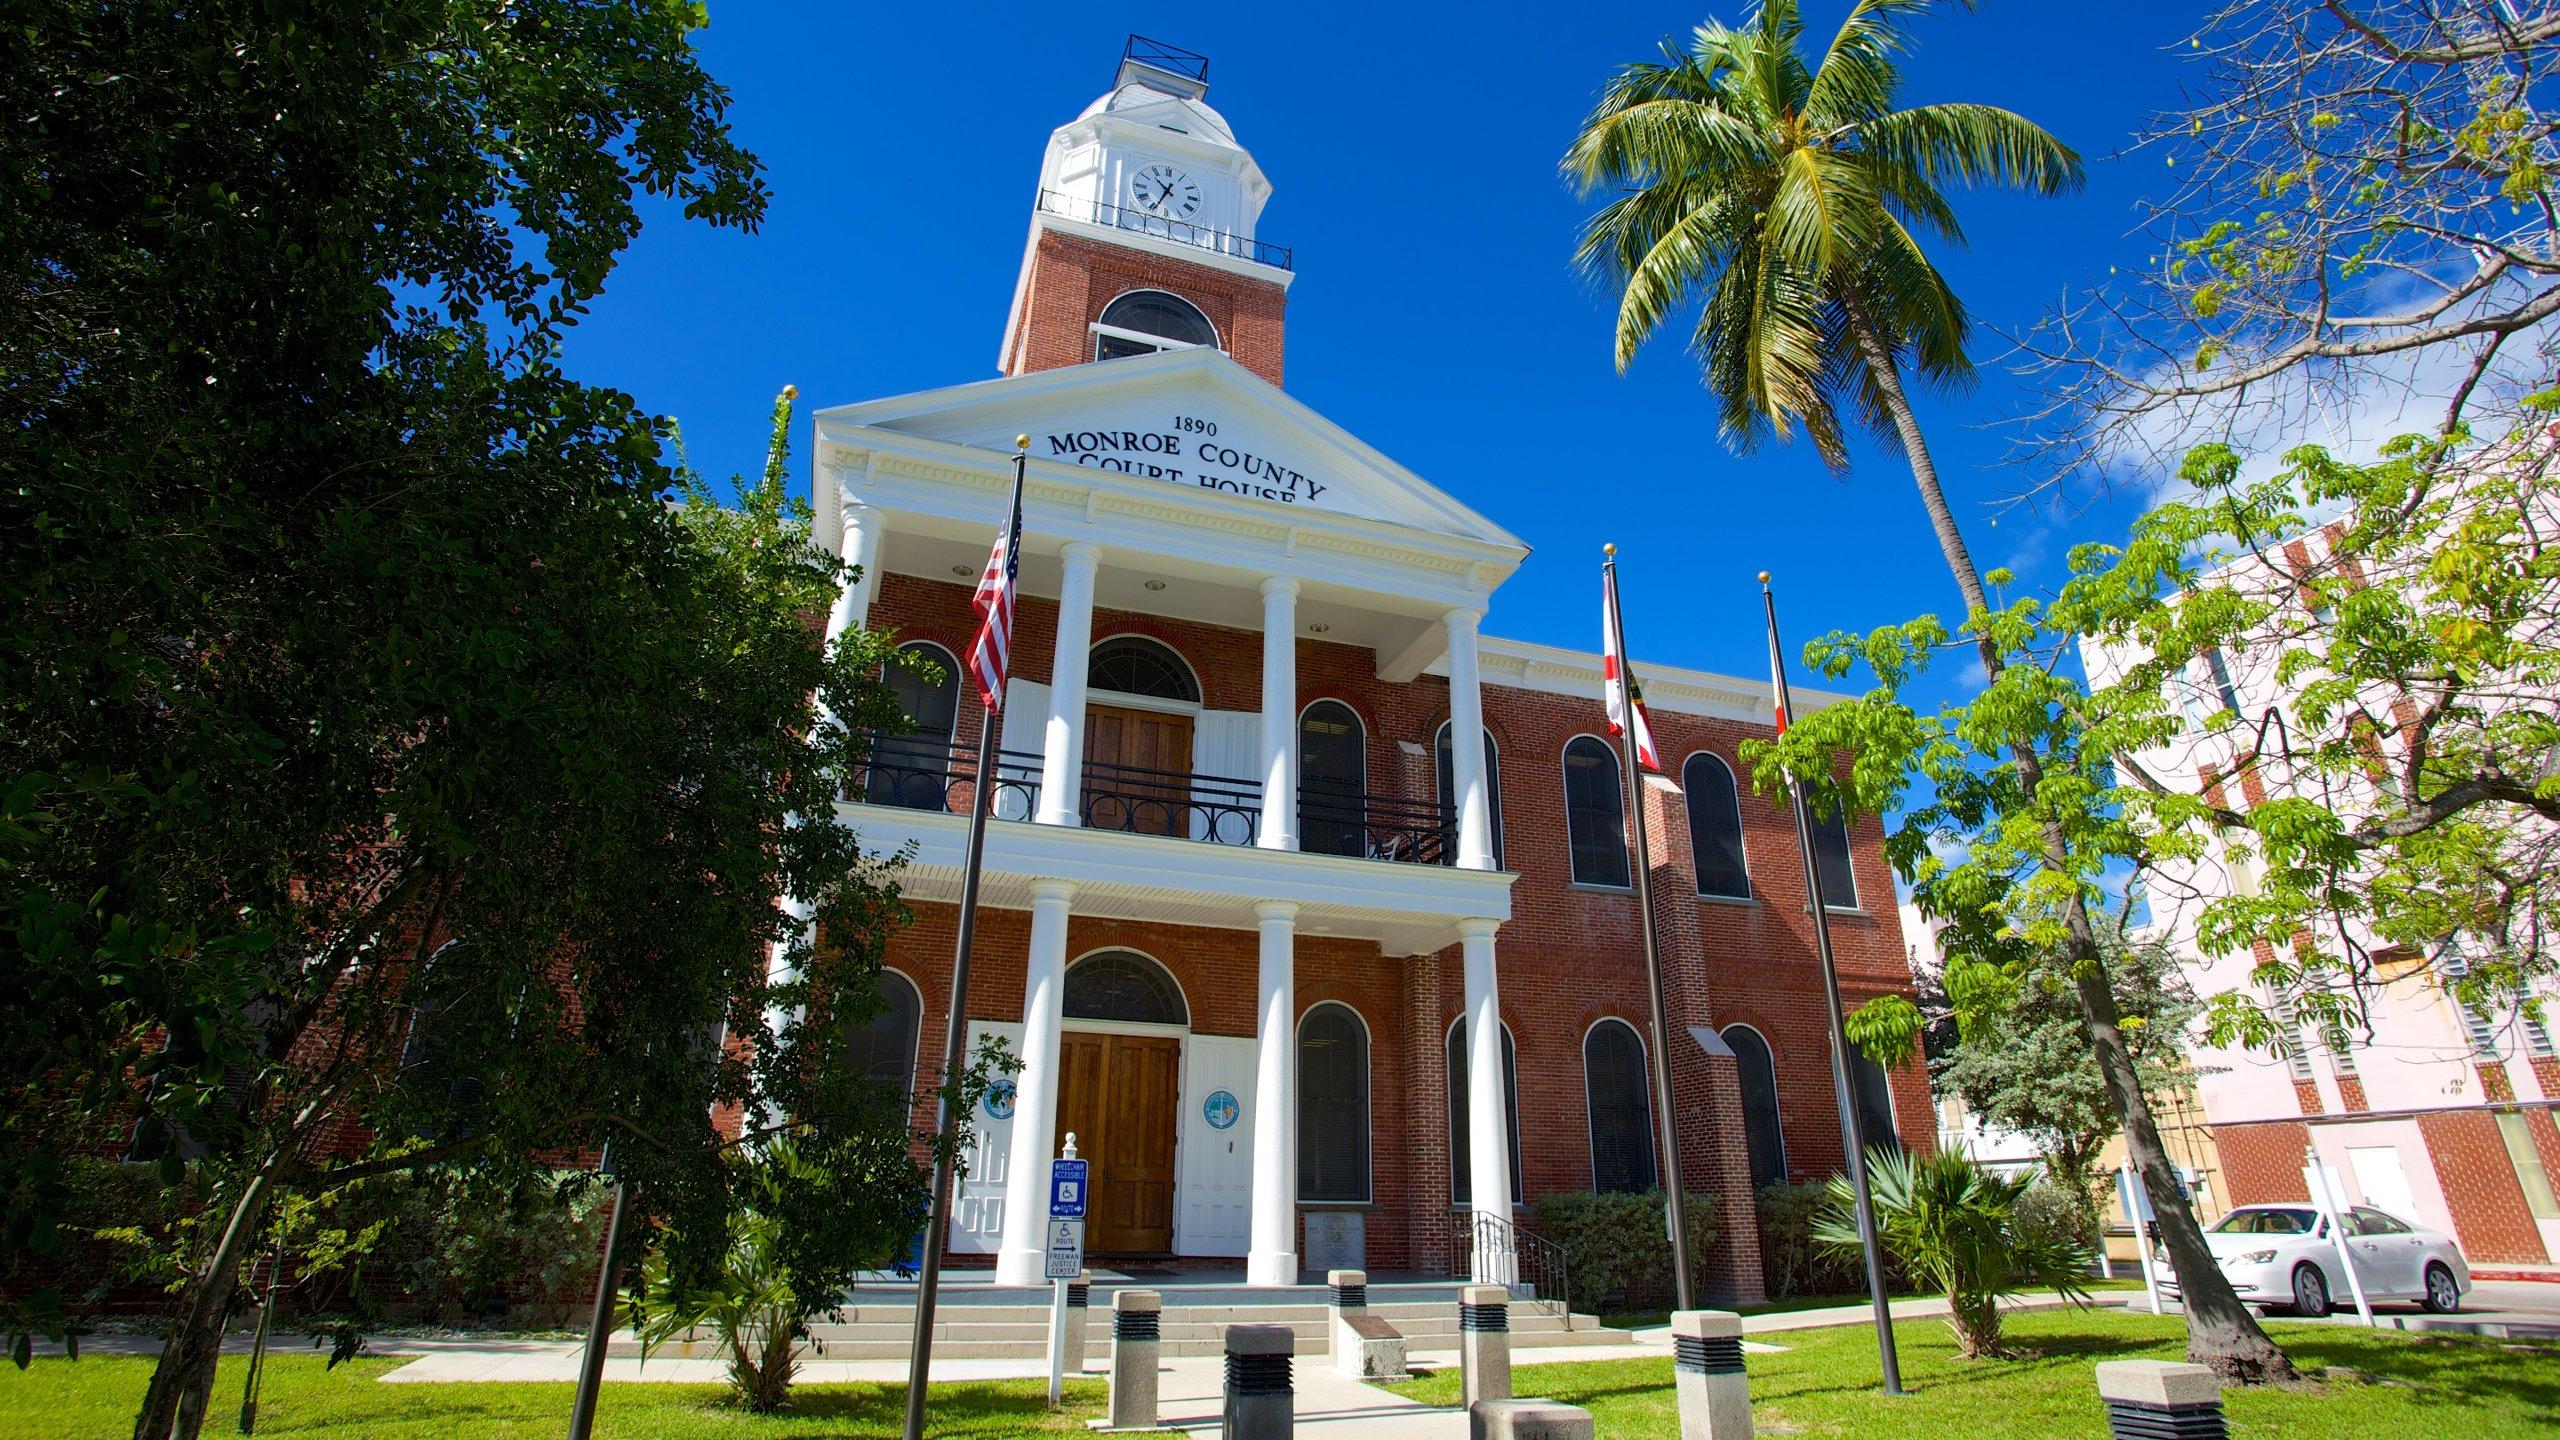 Key West, Florida, United States of America